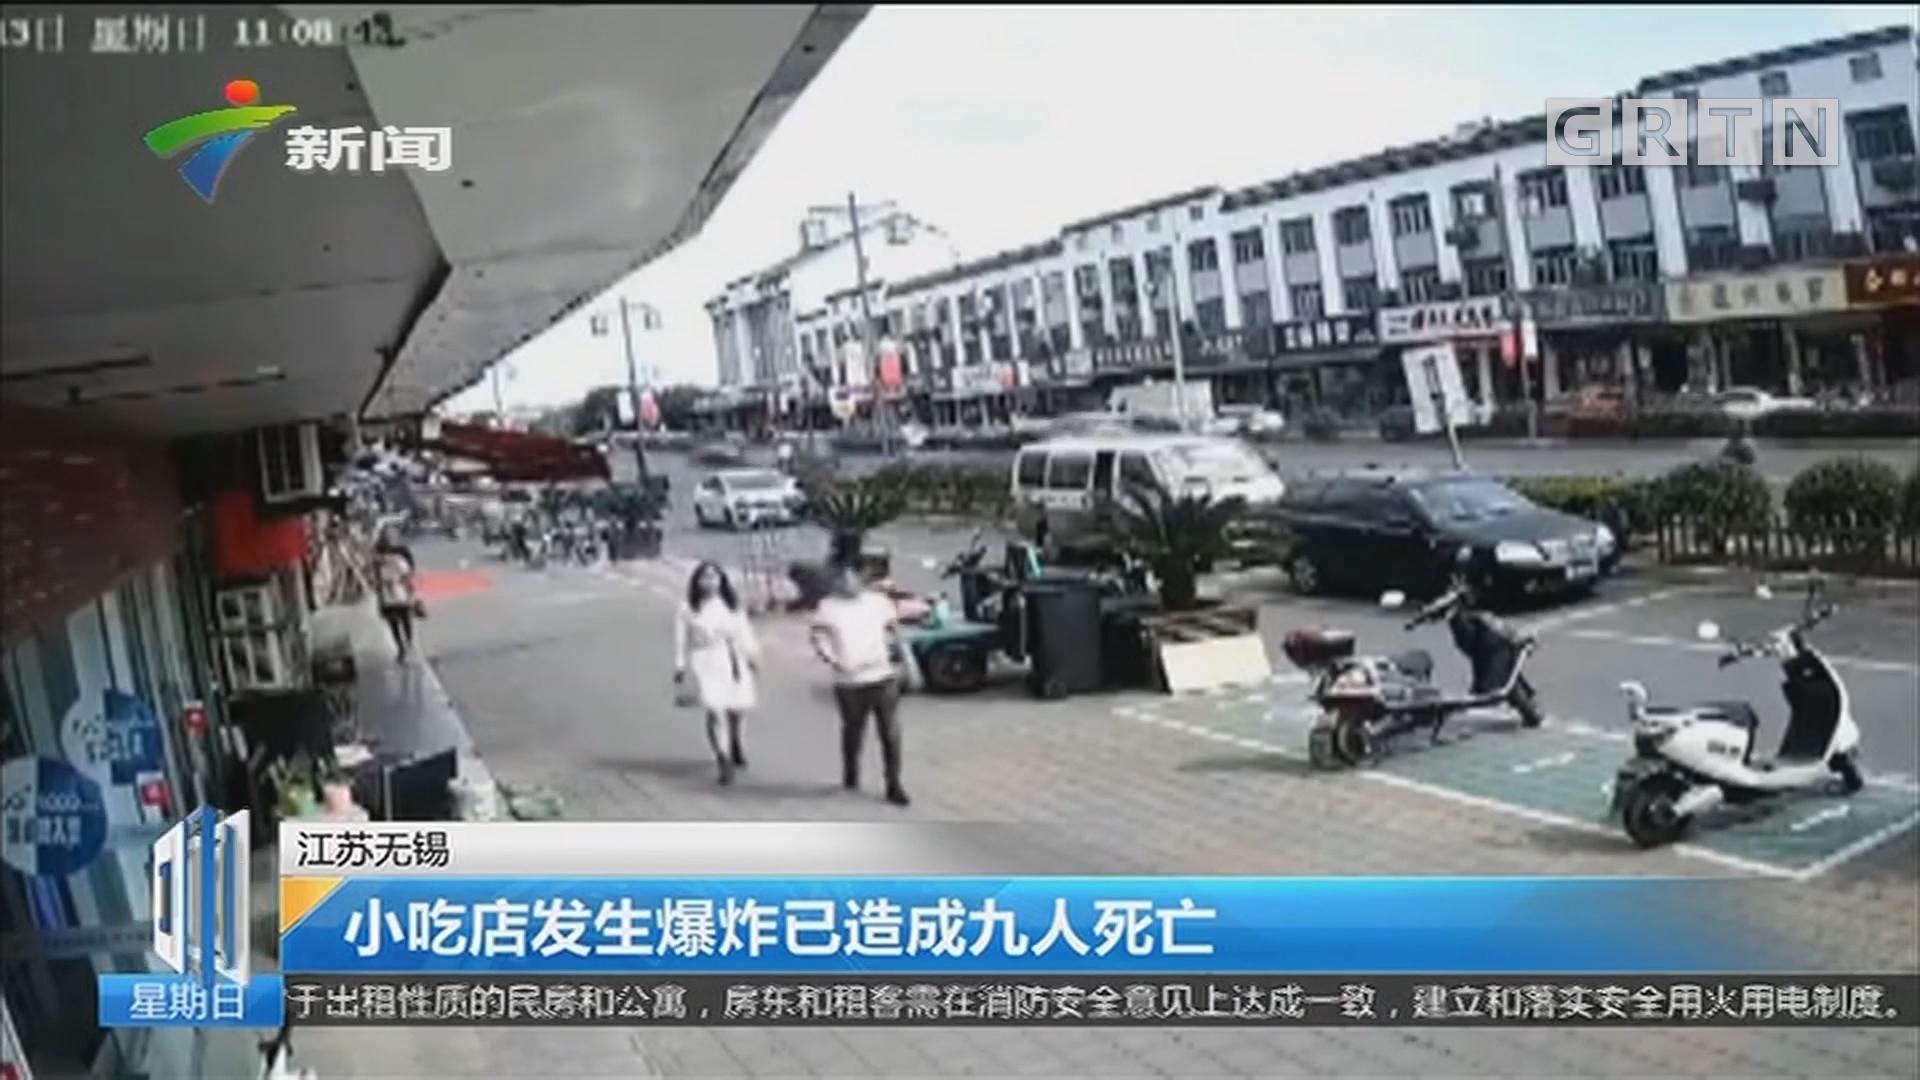 江苏无锡:小吃店发生爆炸已造成九人死亡